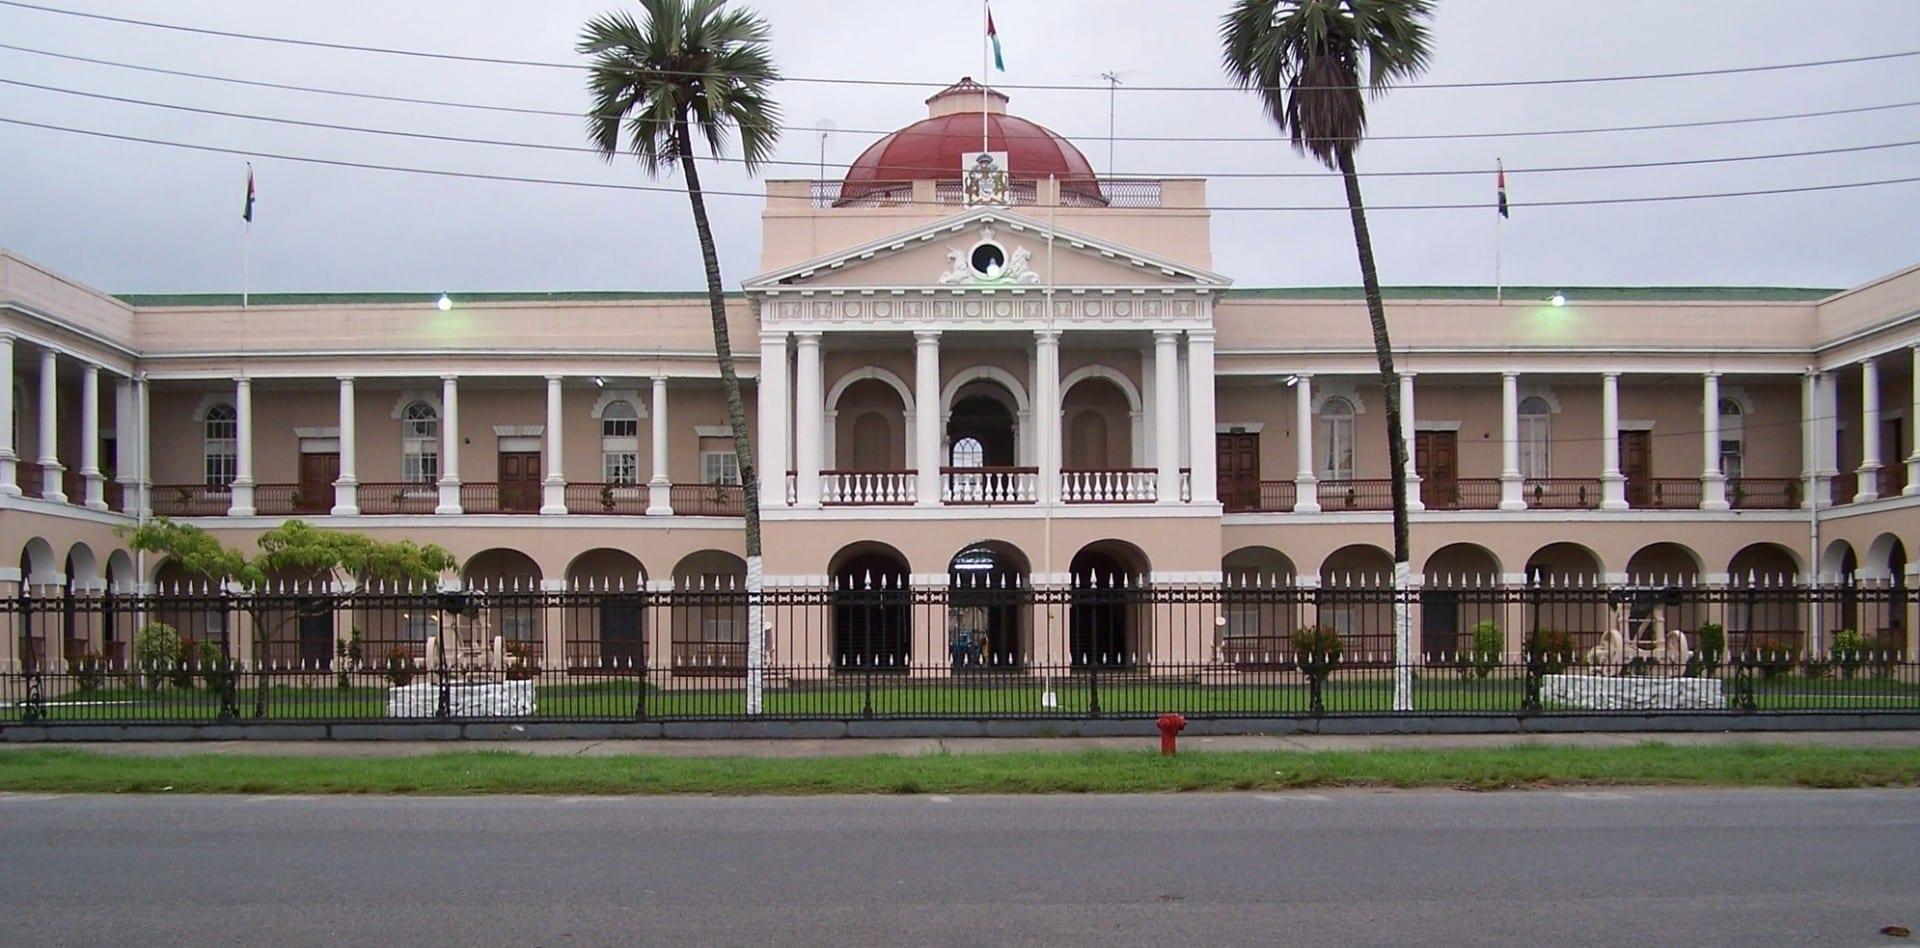 El edificio del Parlamento en Georgetown Georgetown Guyana